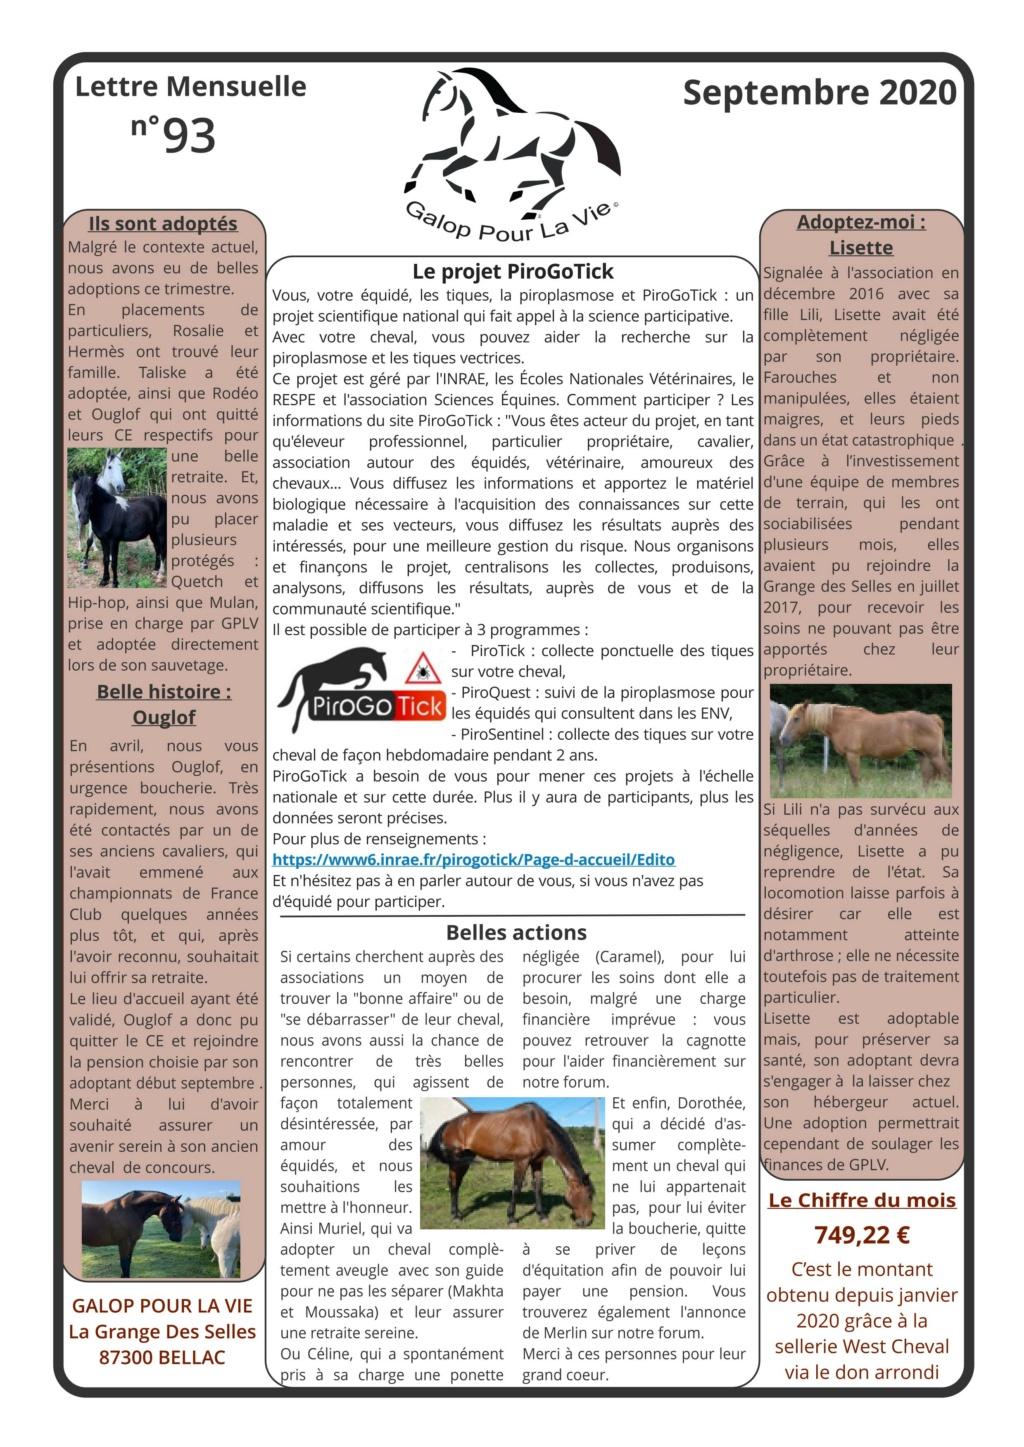 GPLV - Lettre Mensuelle n°93 - Septembre 2020   Nl_sep23